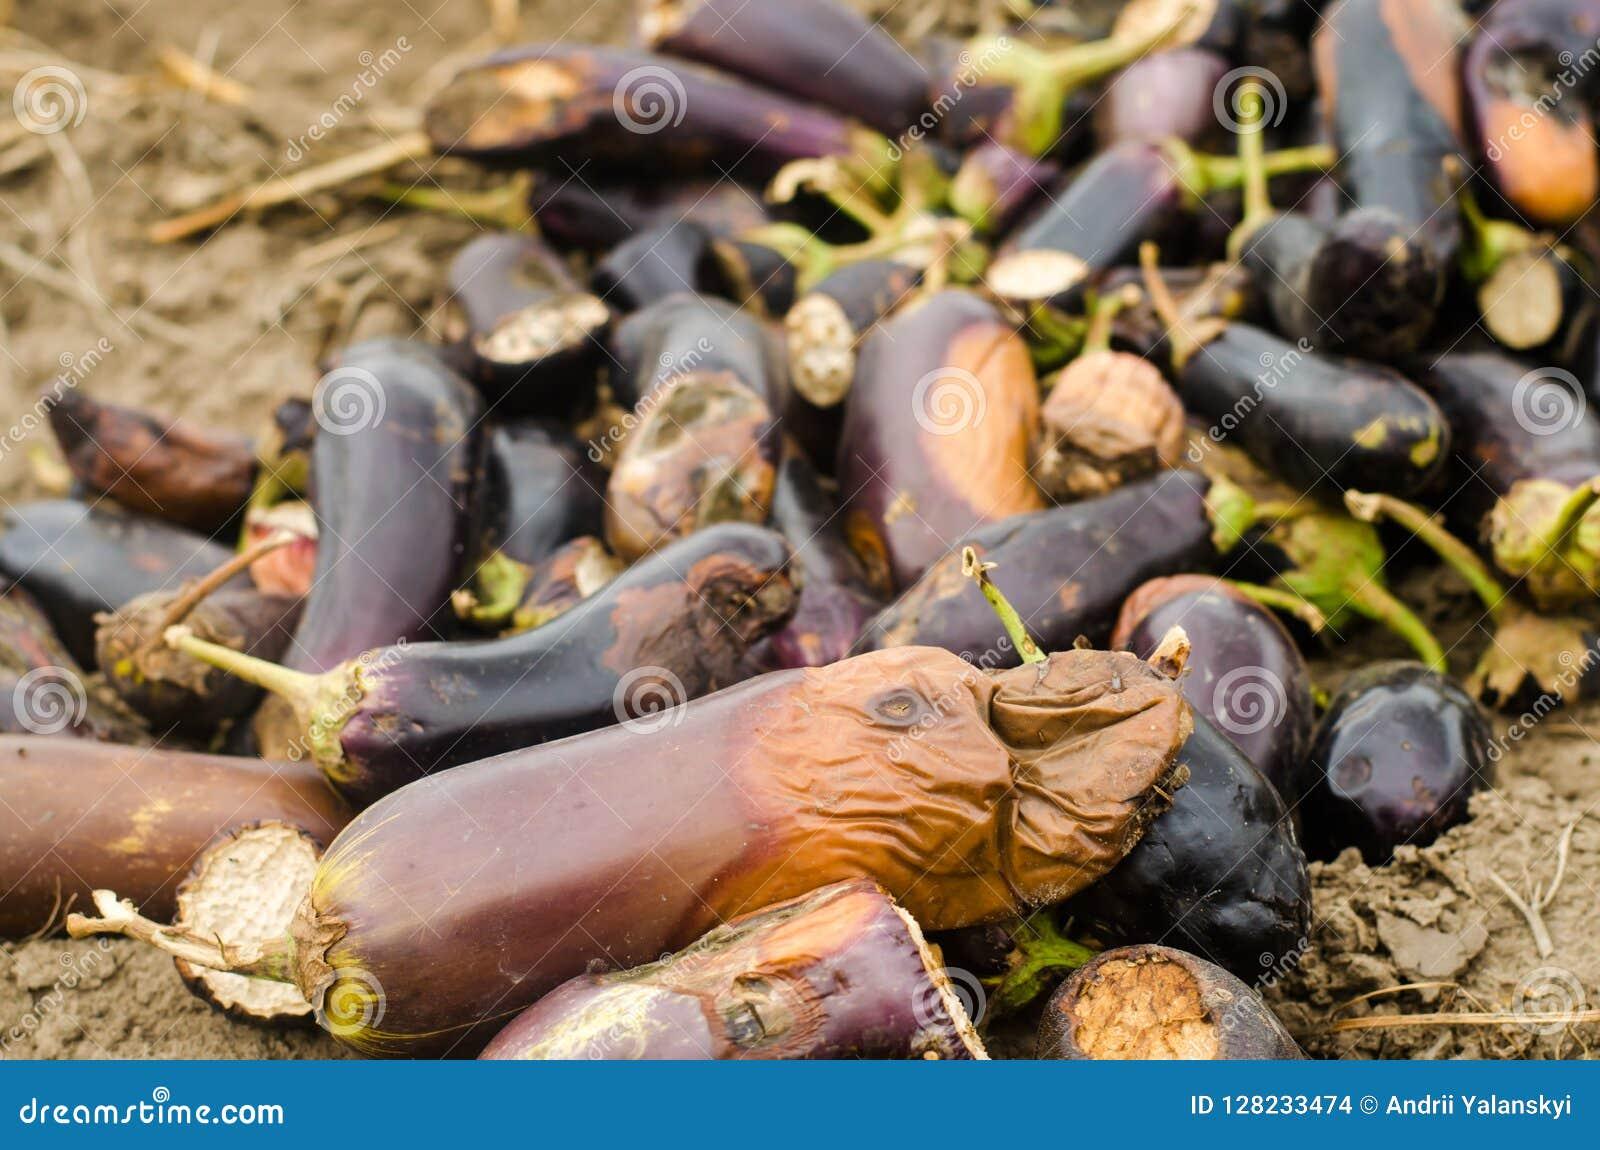 Τα σάπια χαλασμένα λαχανικά μελιτζάνας βρίσκονται στον τομέα φτωχή έννοια συγκομιδών απόβλητα παραγωγής, ασθένεια εγκαταστάσεων Γ